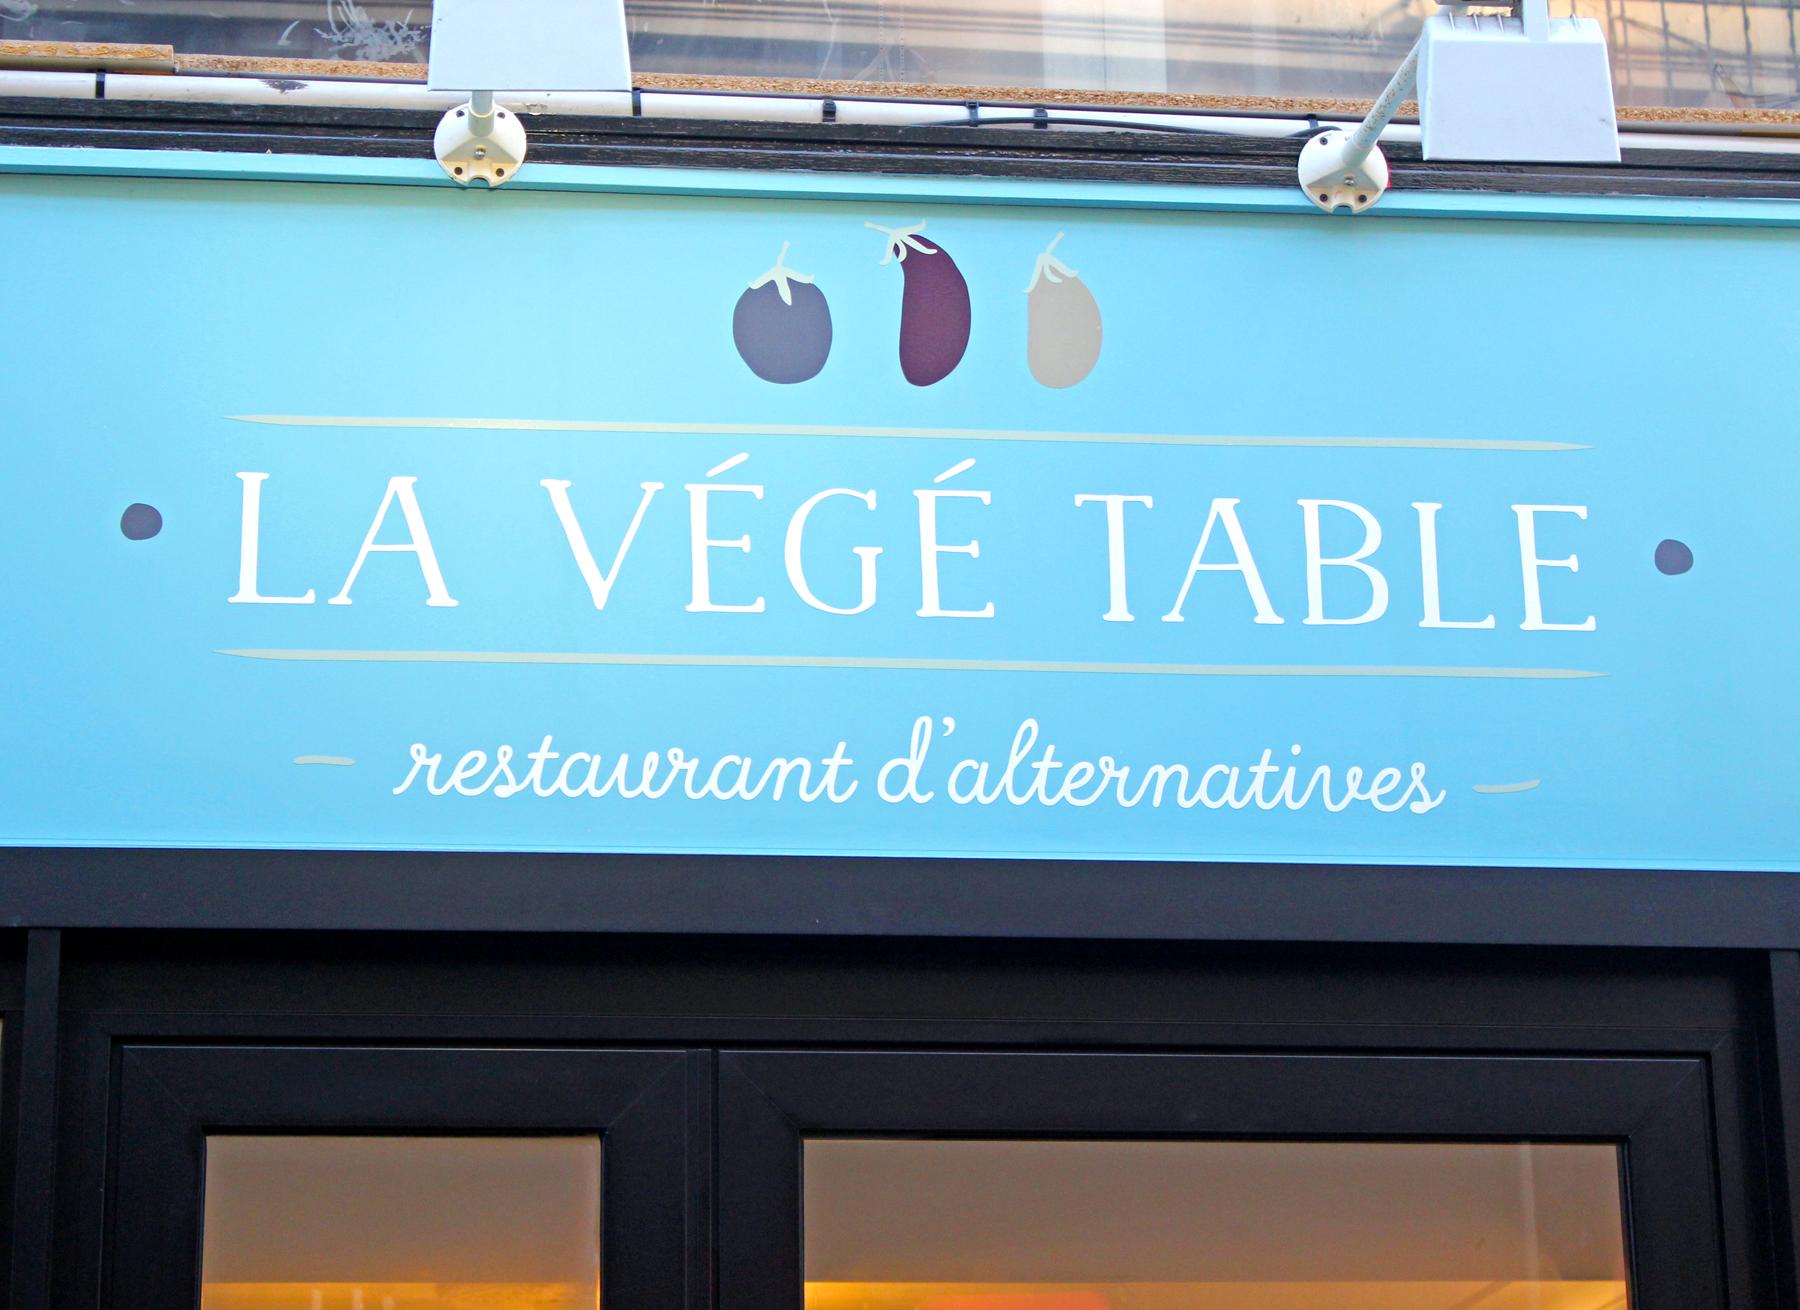 La Végé Table, Restaurant d'alternatives à Reims